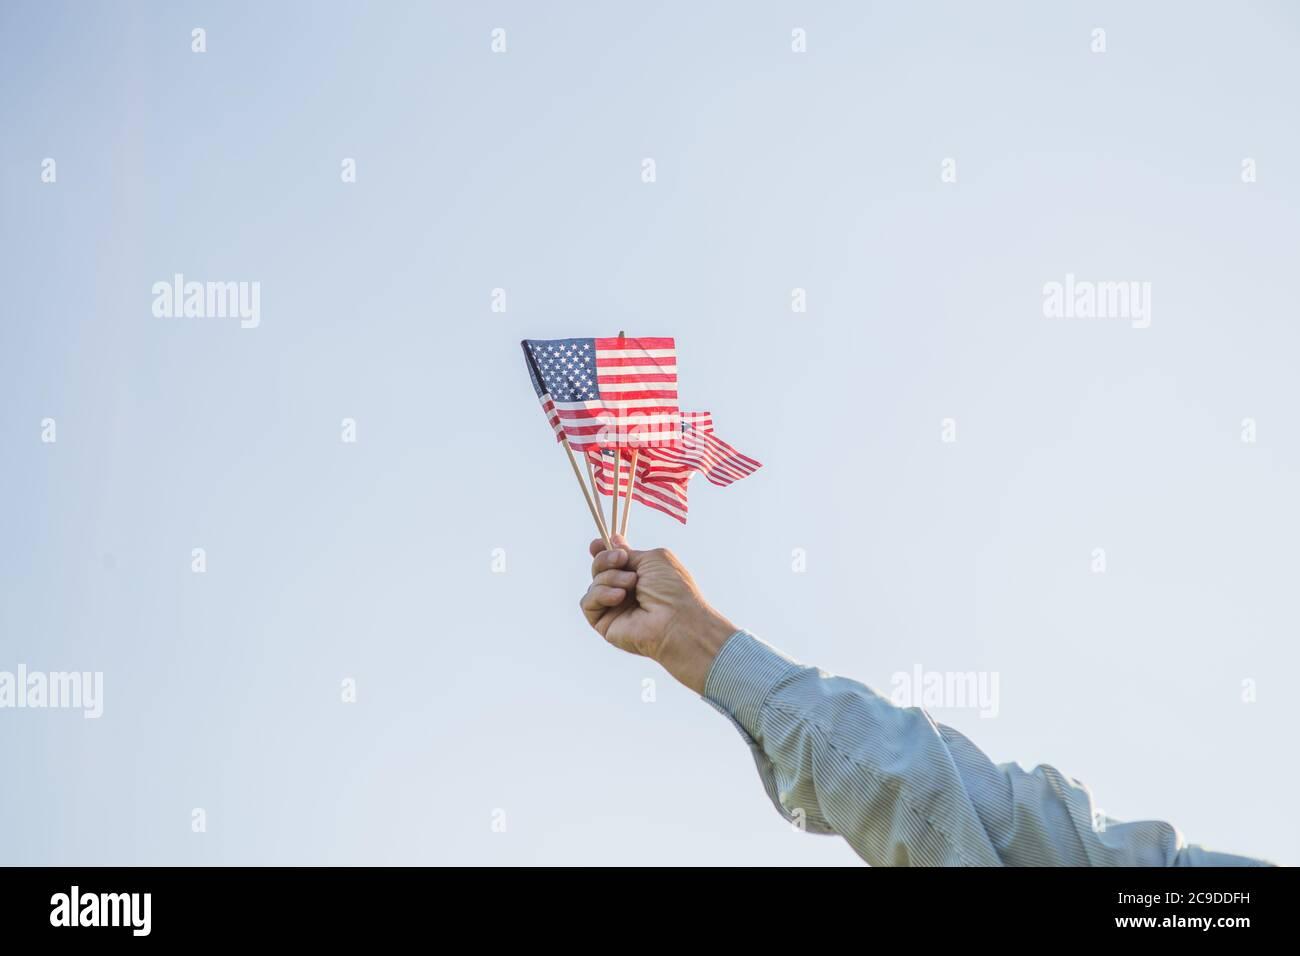 El patriótico anciano celebra el día de la independencia de los estados unidos el 4 de julio con una bandera nacional en sus manos. Día de la Constitución y la Ciudadanía. Gran Nacional Foto de stock